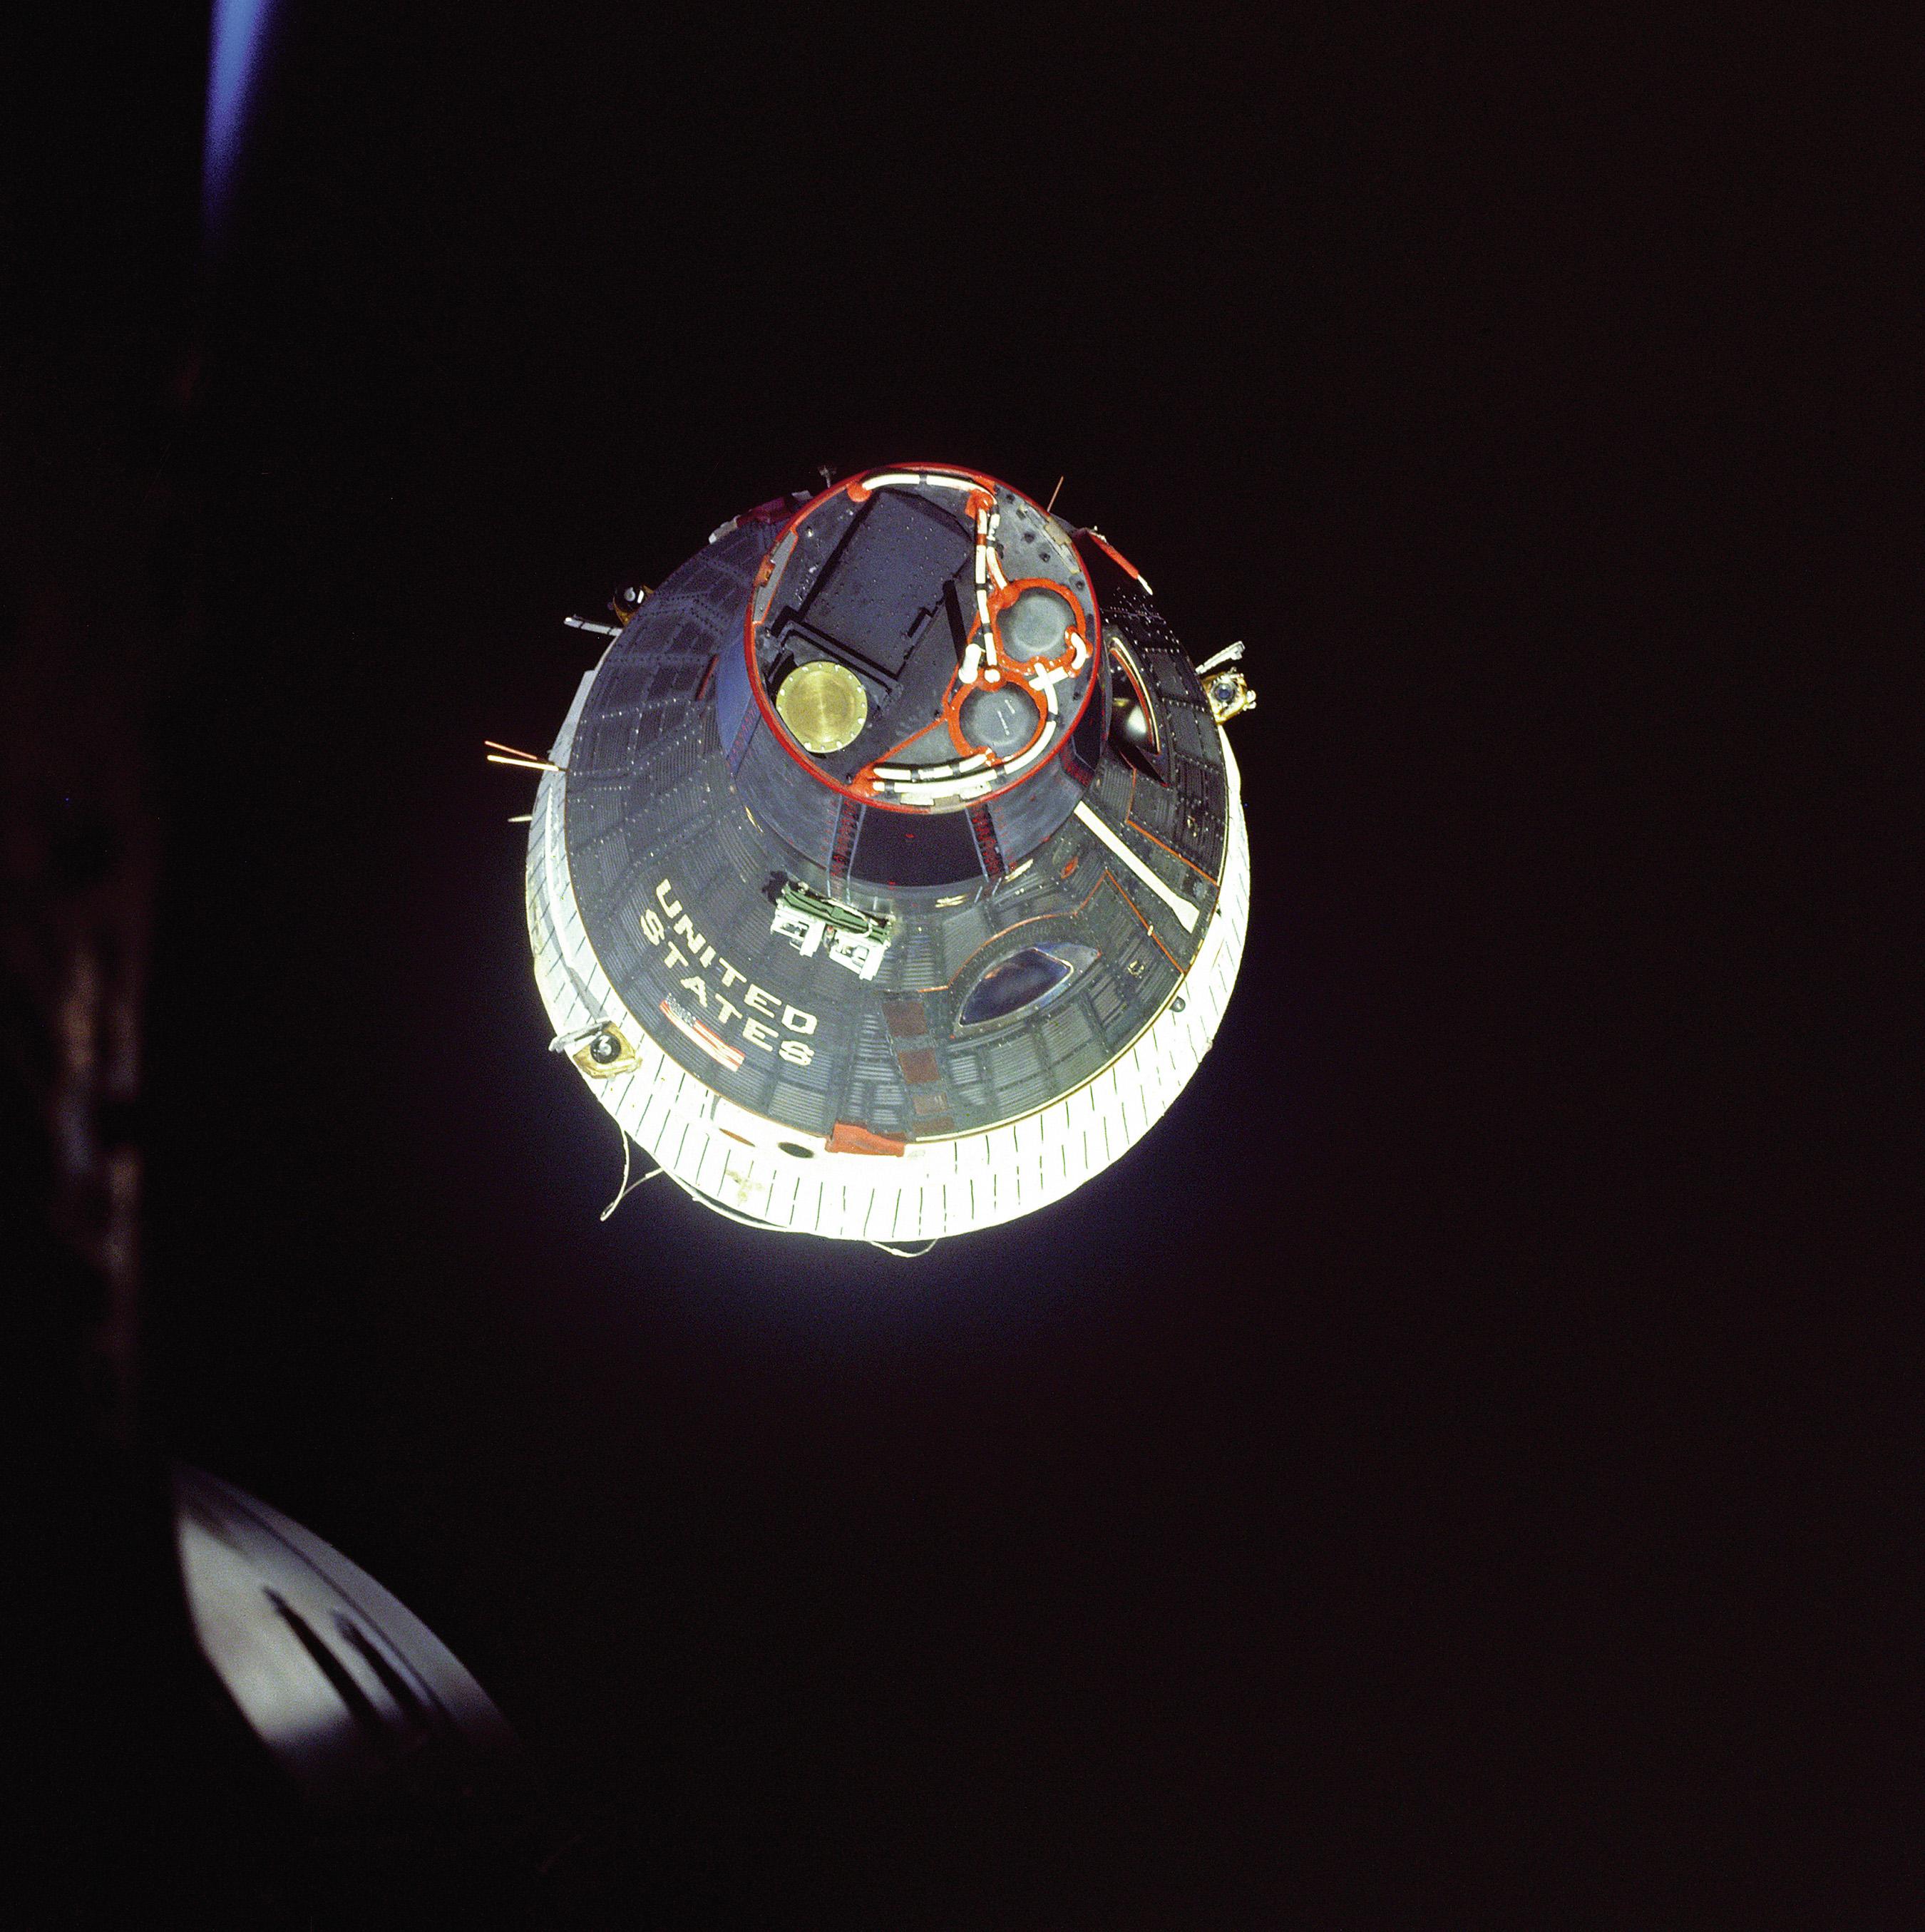 Gemini VII in Orbit